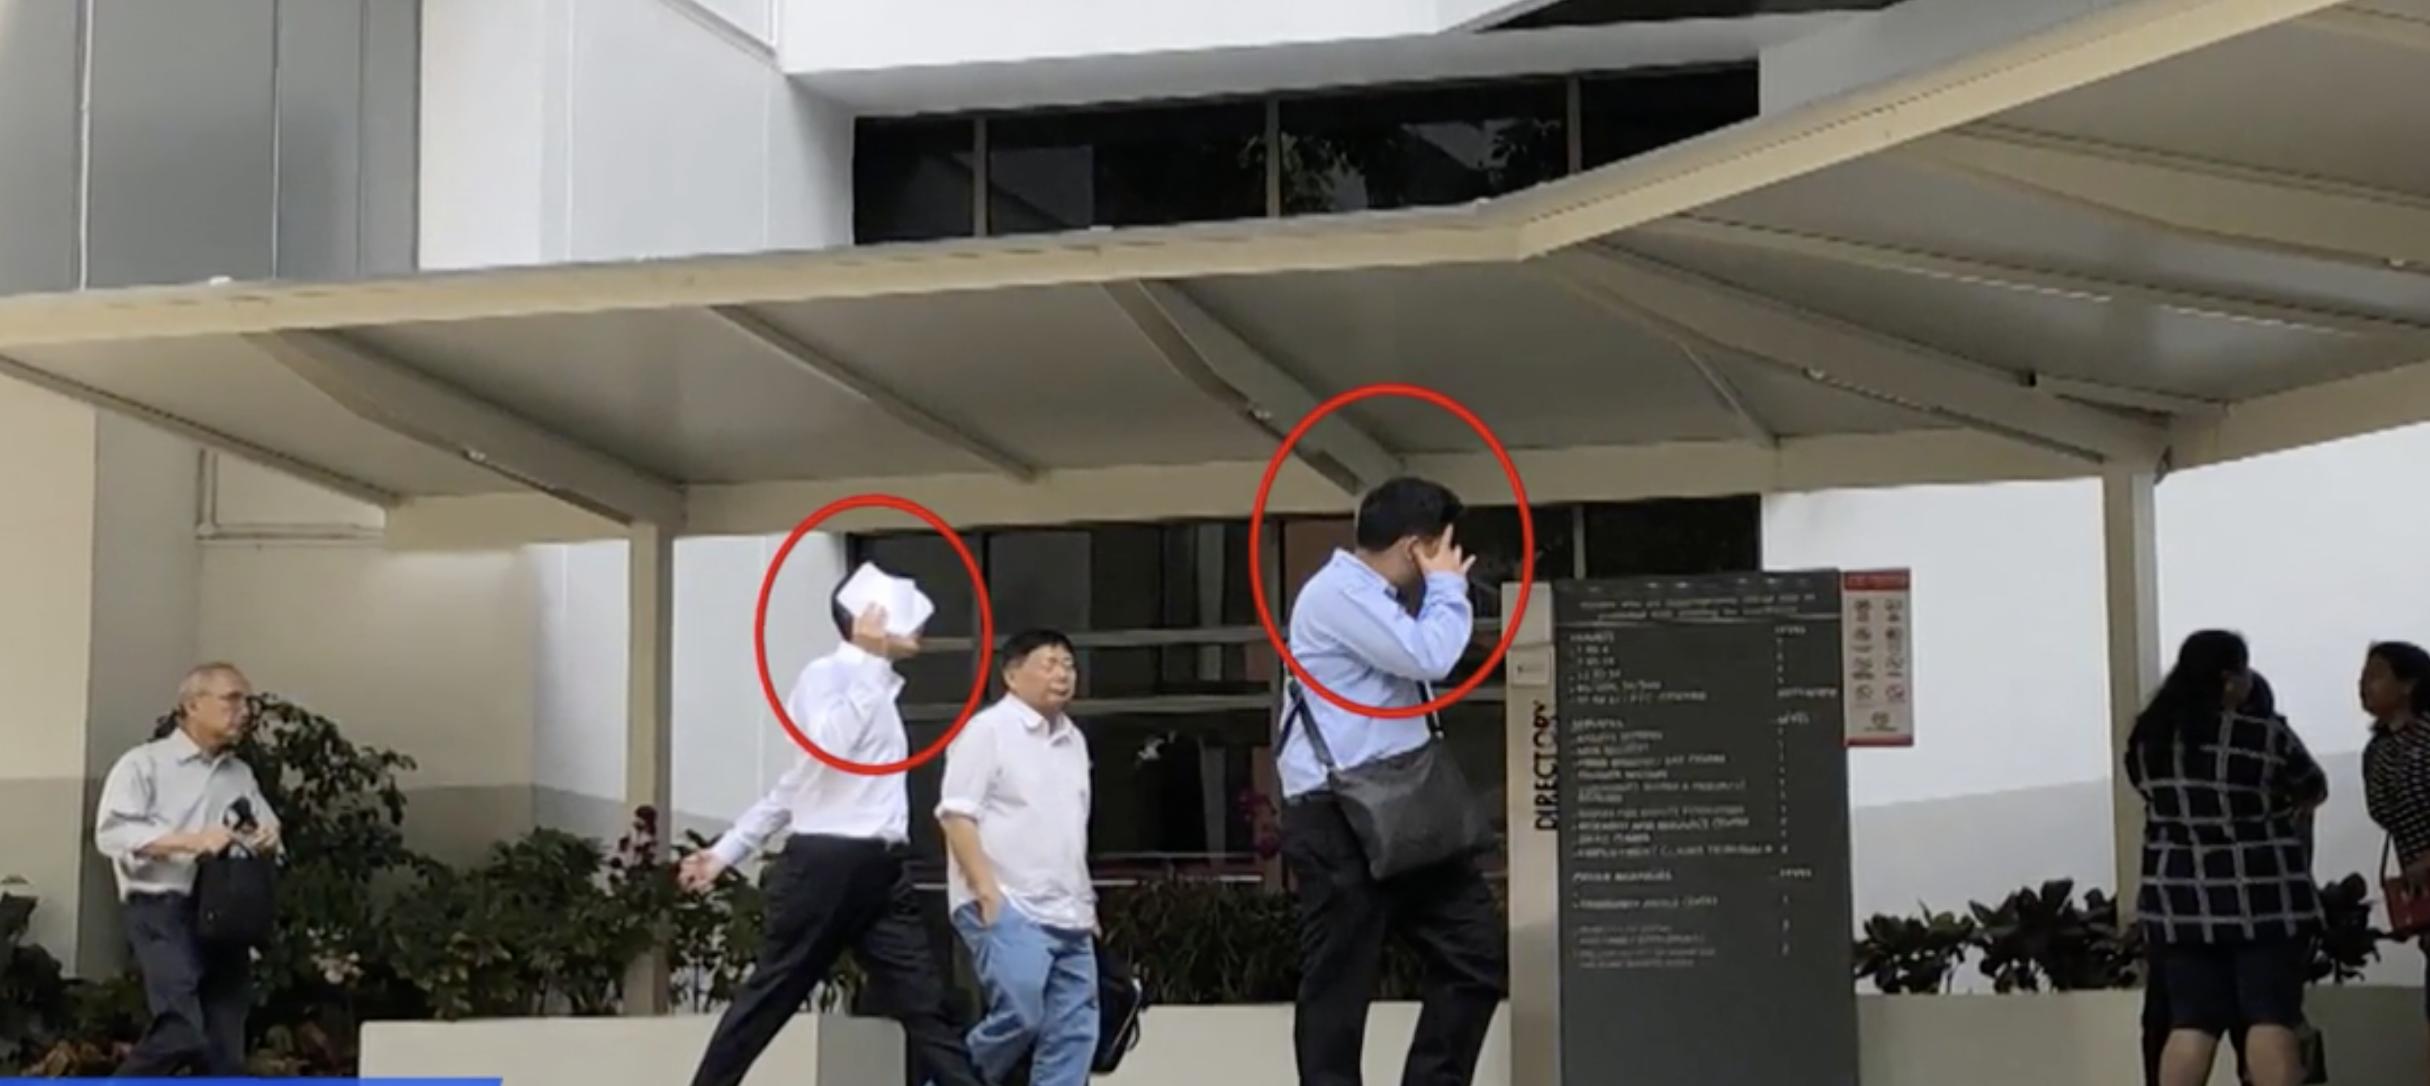 新加坡两名男子因未如实申报房租被控上法庭-热点新加坡